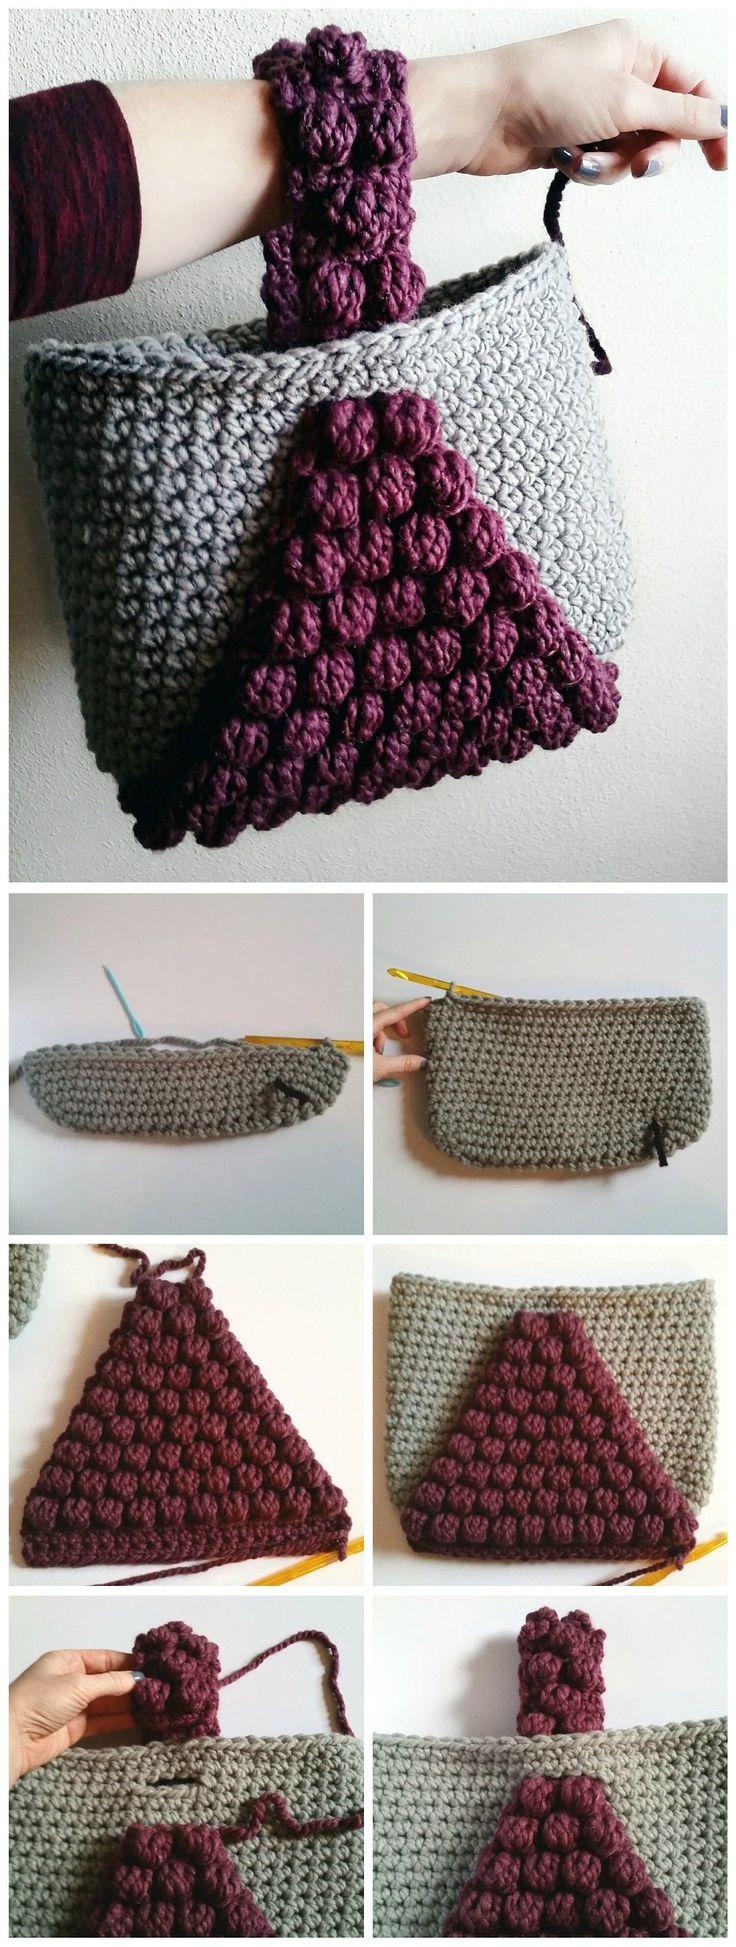 Mejores 308 imágenes de Crocheting en Pinterest | Bolsos, Cocinas y ...